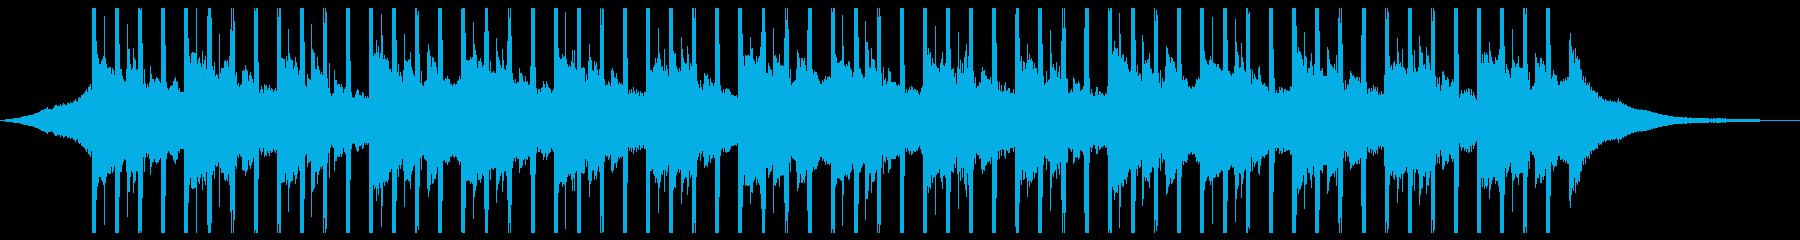 広告の背景(ショート2)の再生済みの波形